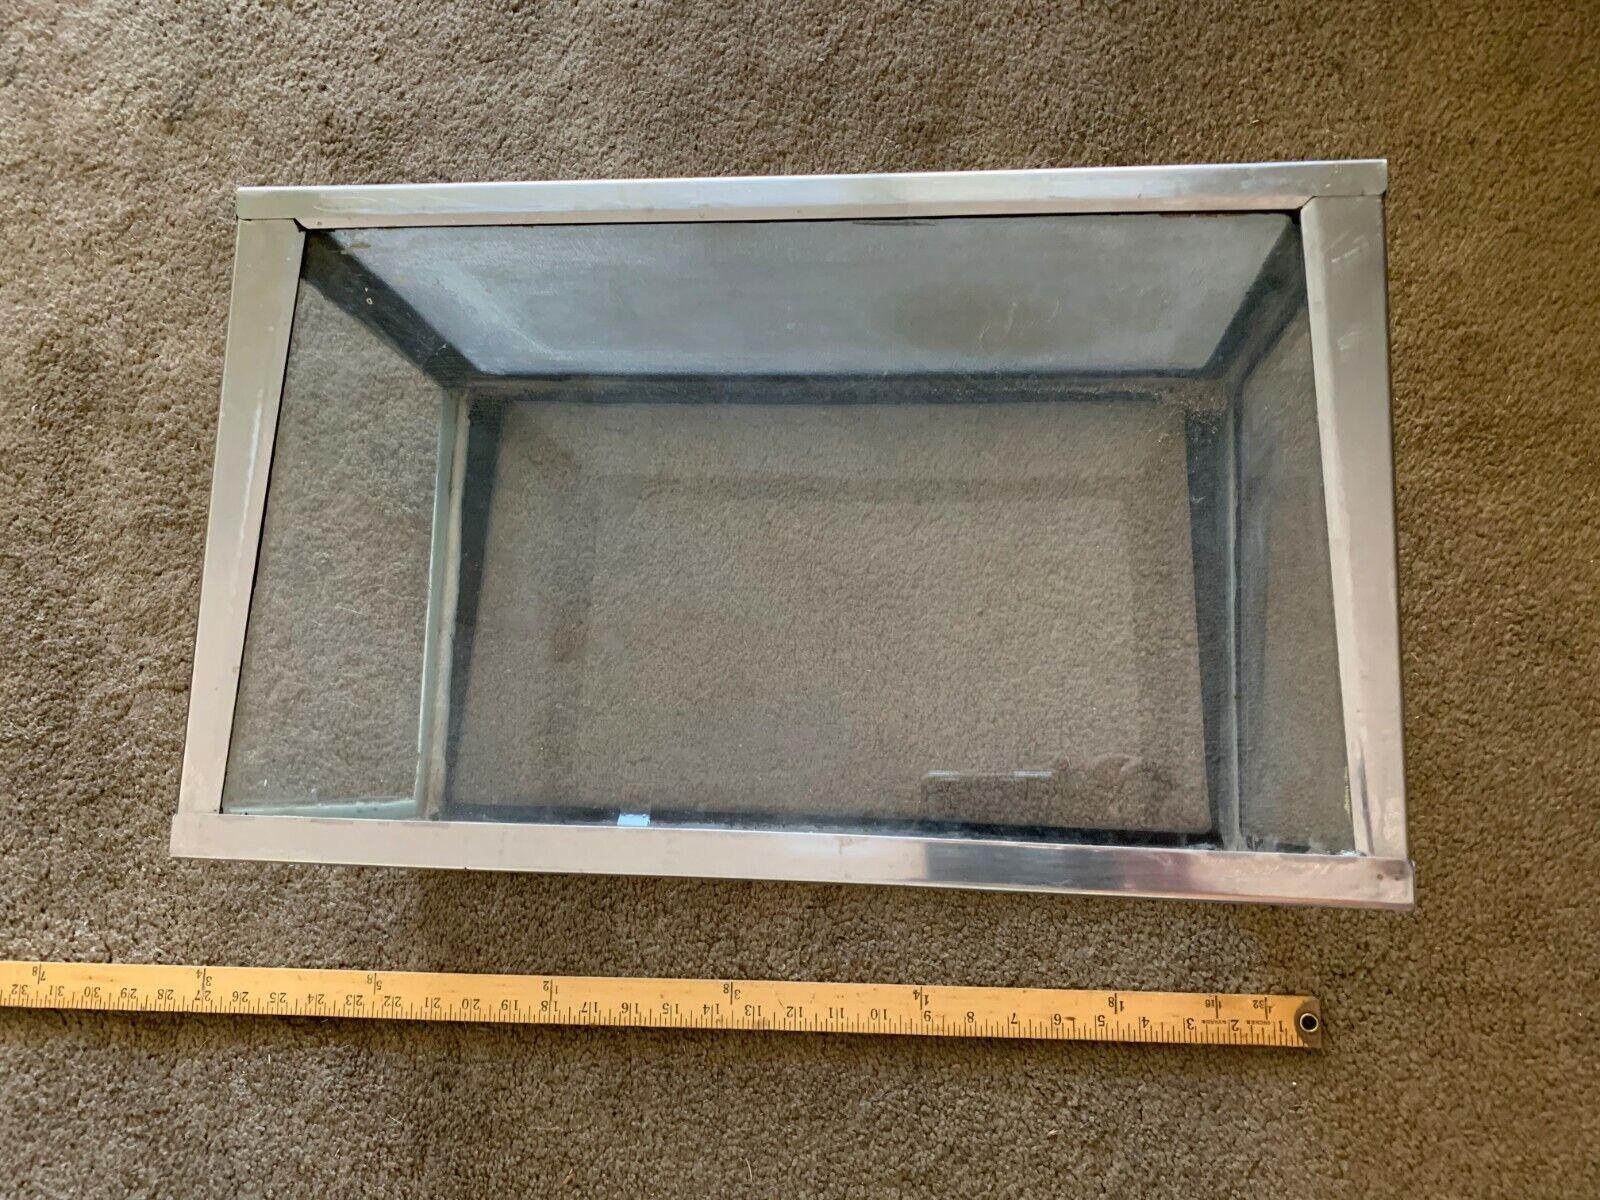 Vintage Metaframe 10 Gallon aquarium  terrarium  20 x 12 x 11